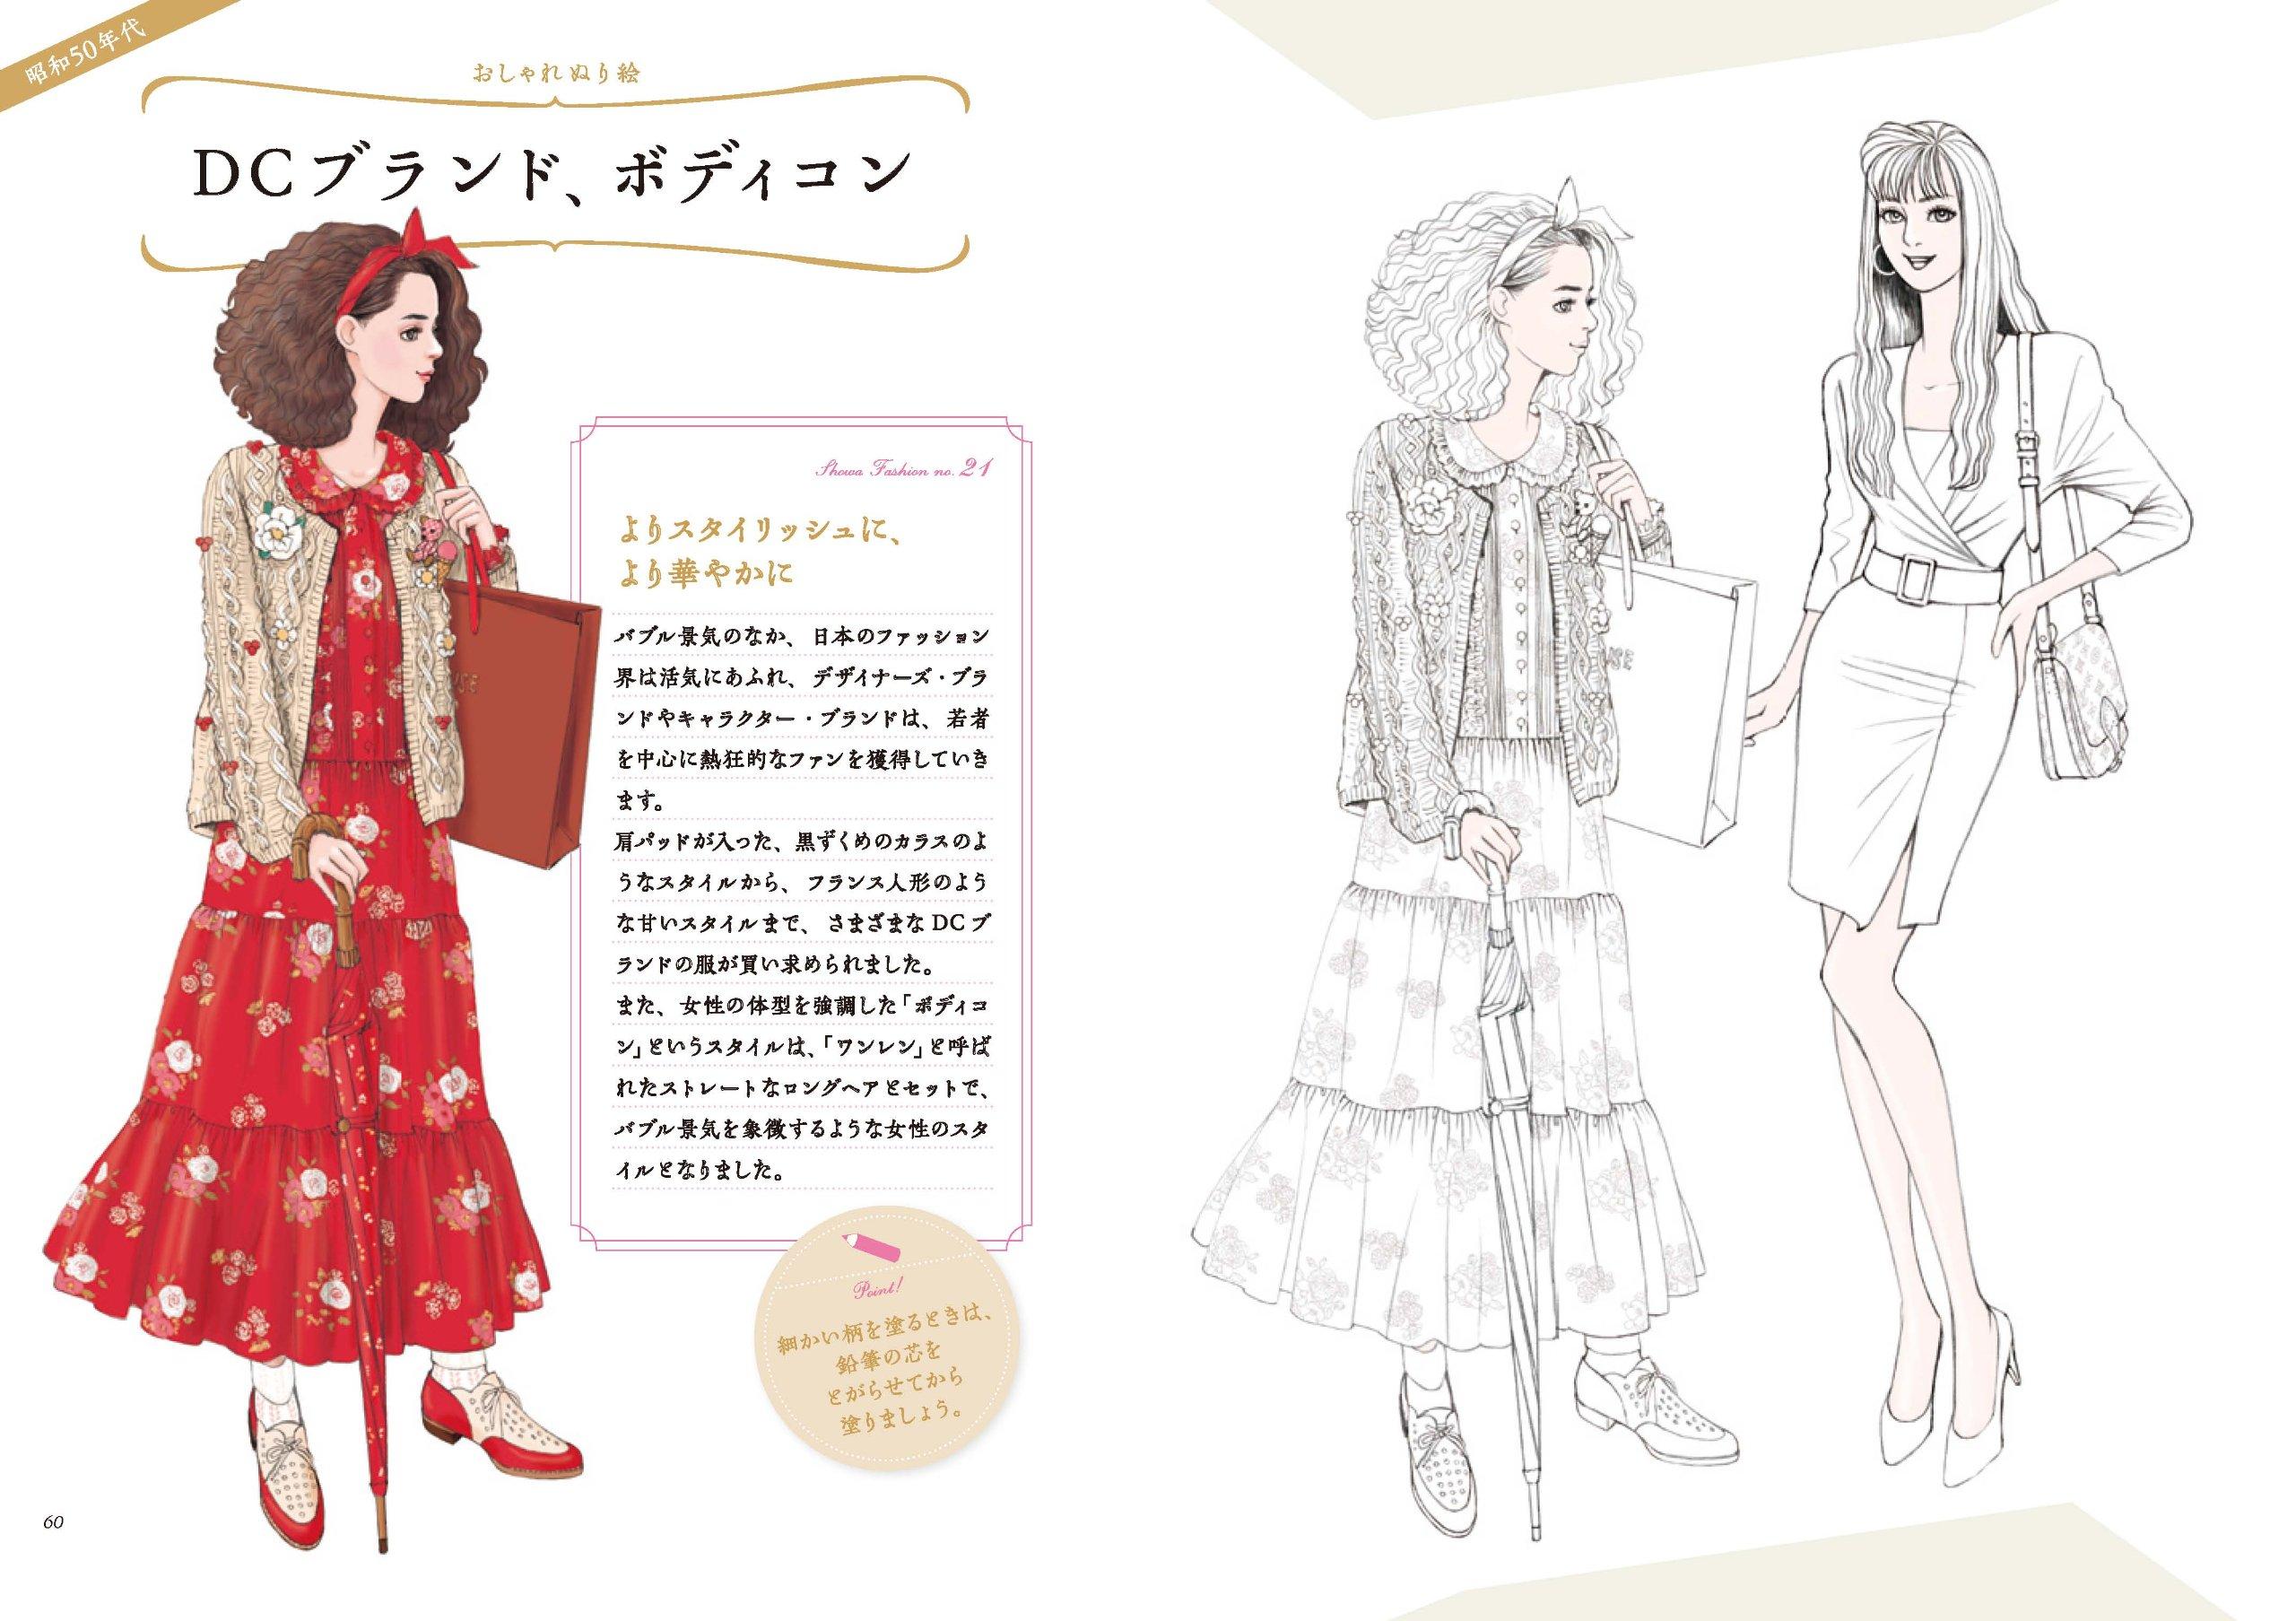 昭和のファッション おしゃれぬり絵 渡辺 直樹 渡辺明日香 本 通販